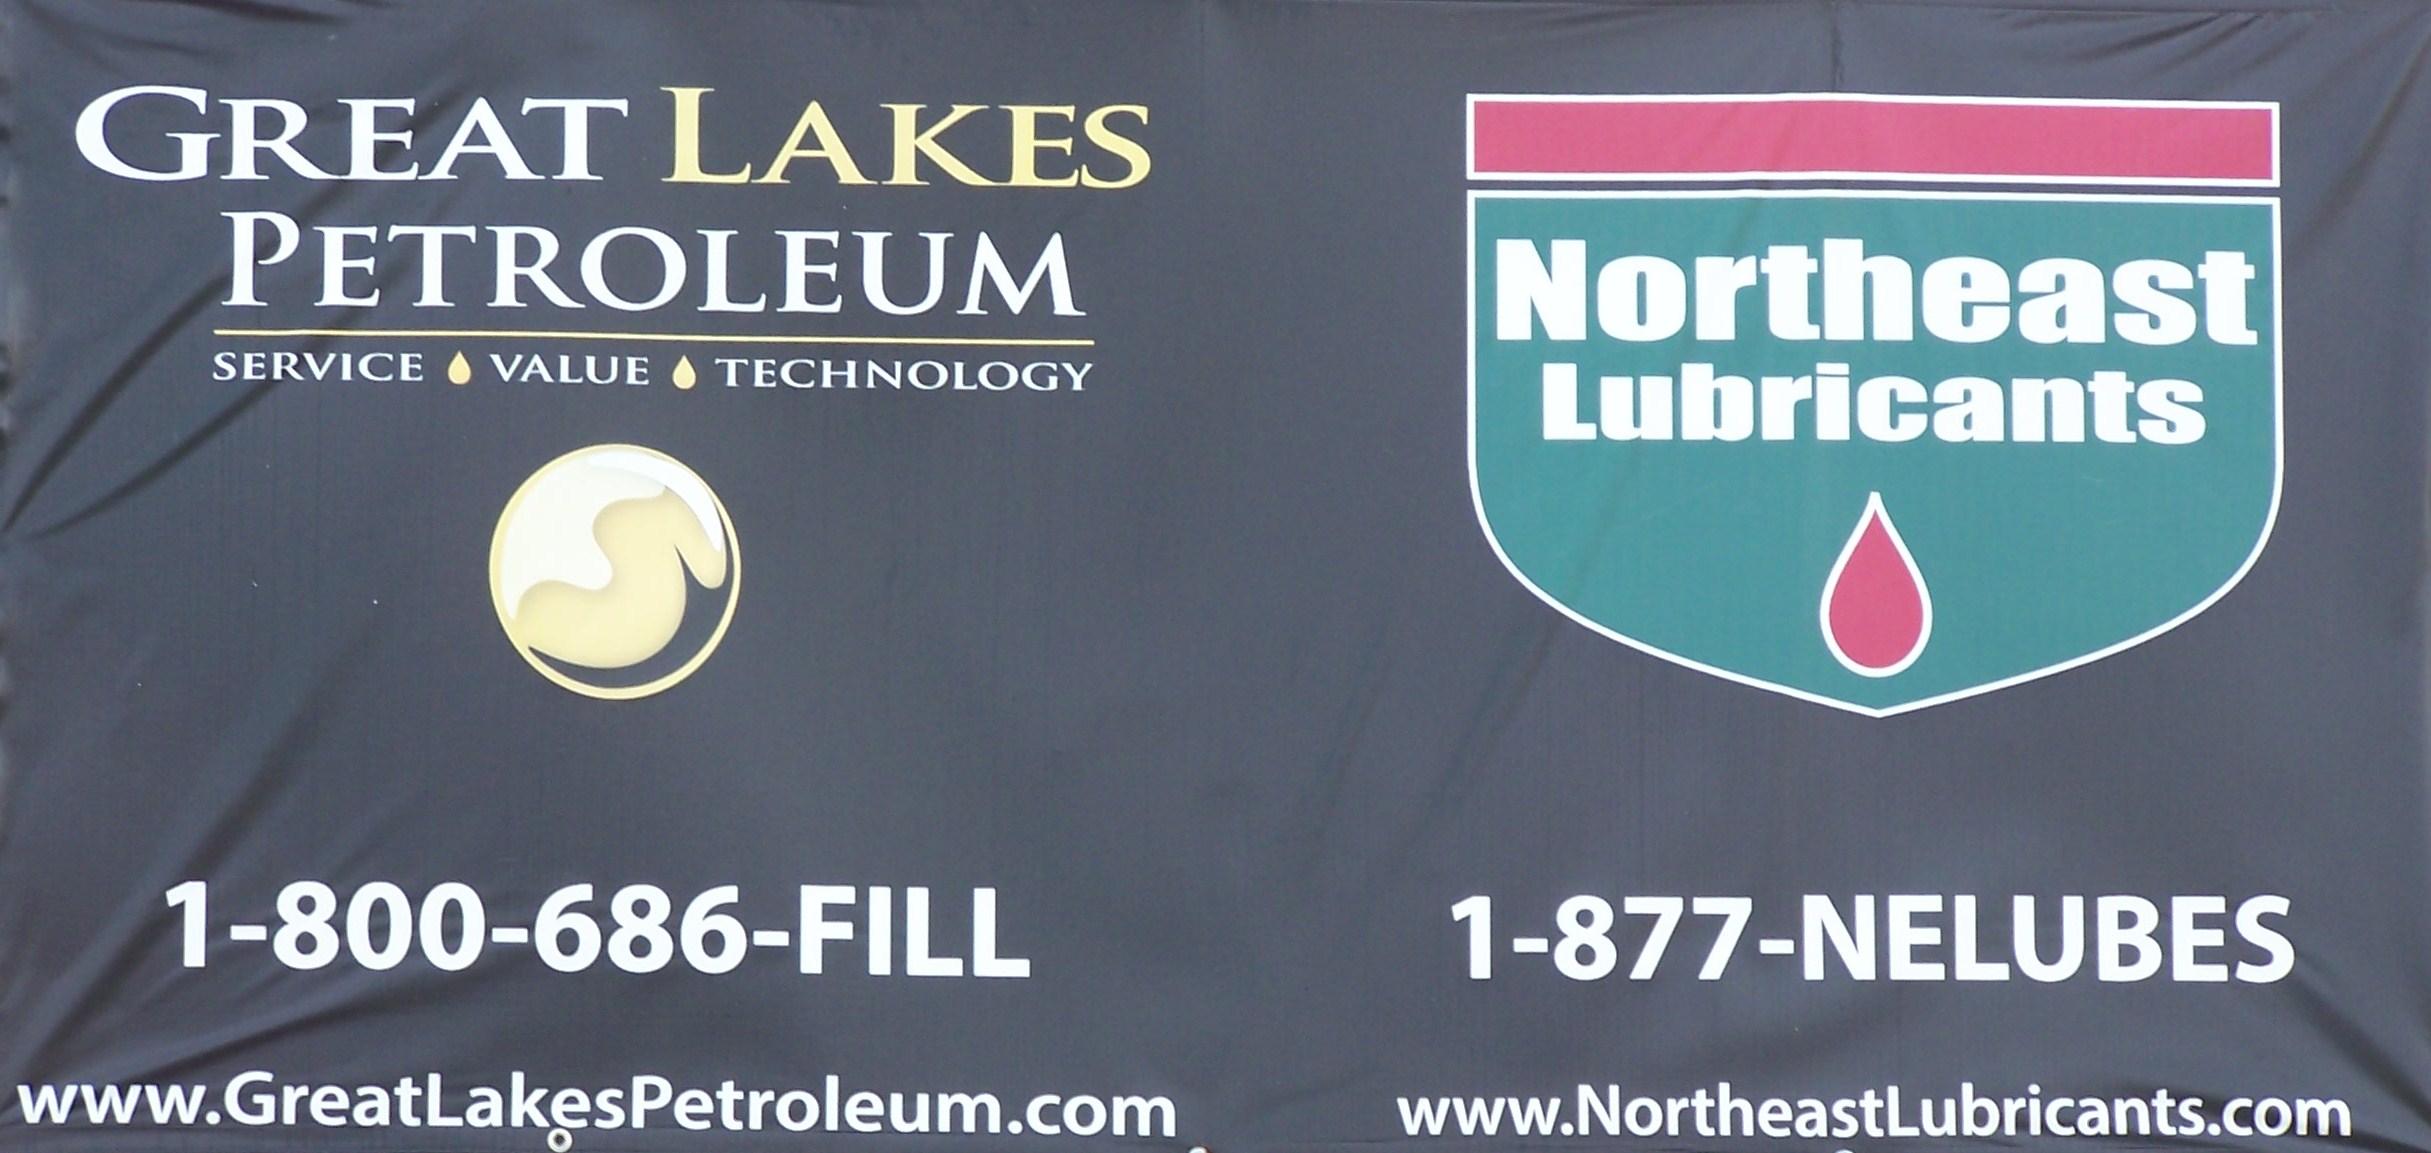 Great Lakes Petroleum